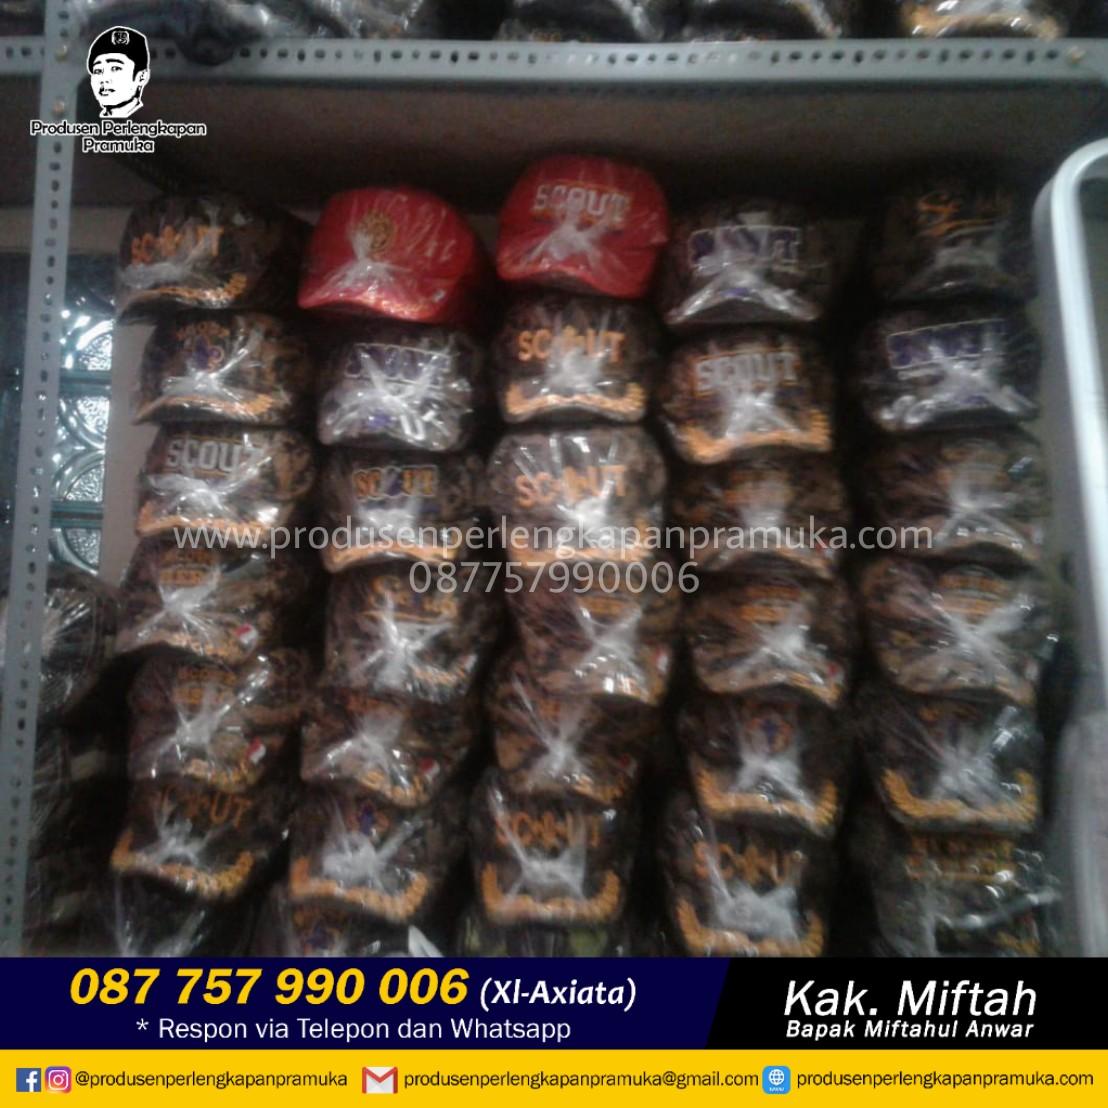 Tempat Produksi Topi Di Bandung